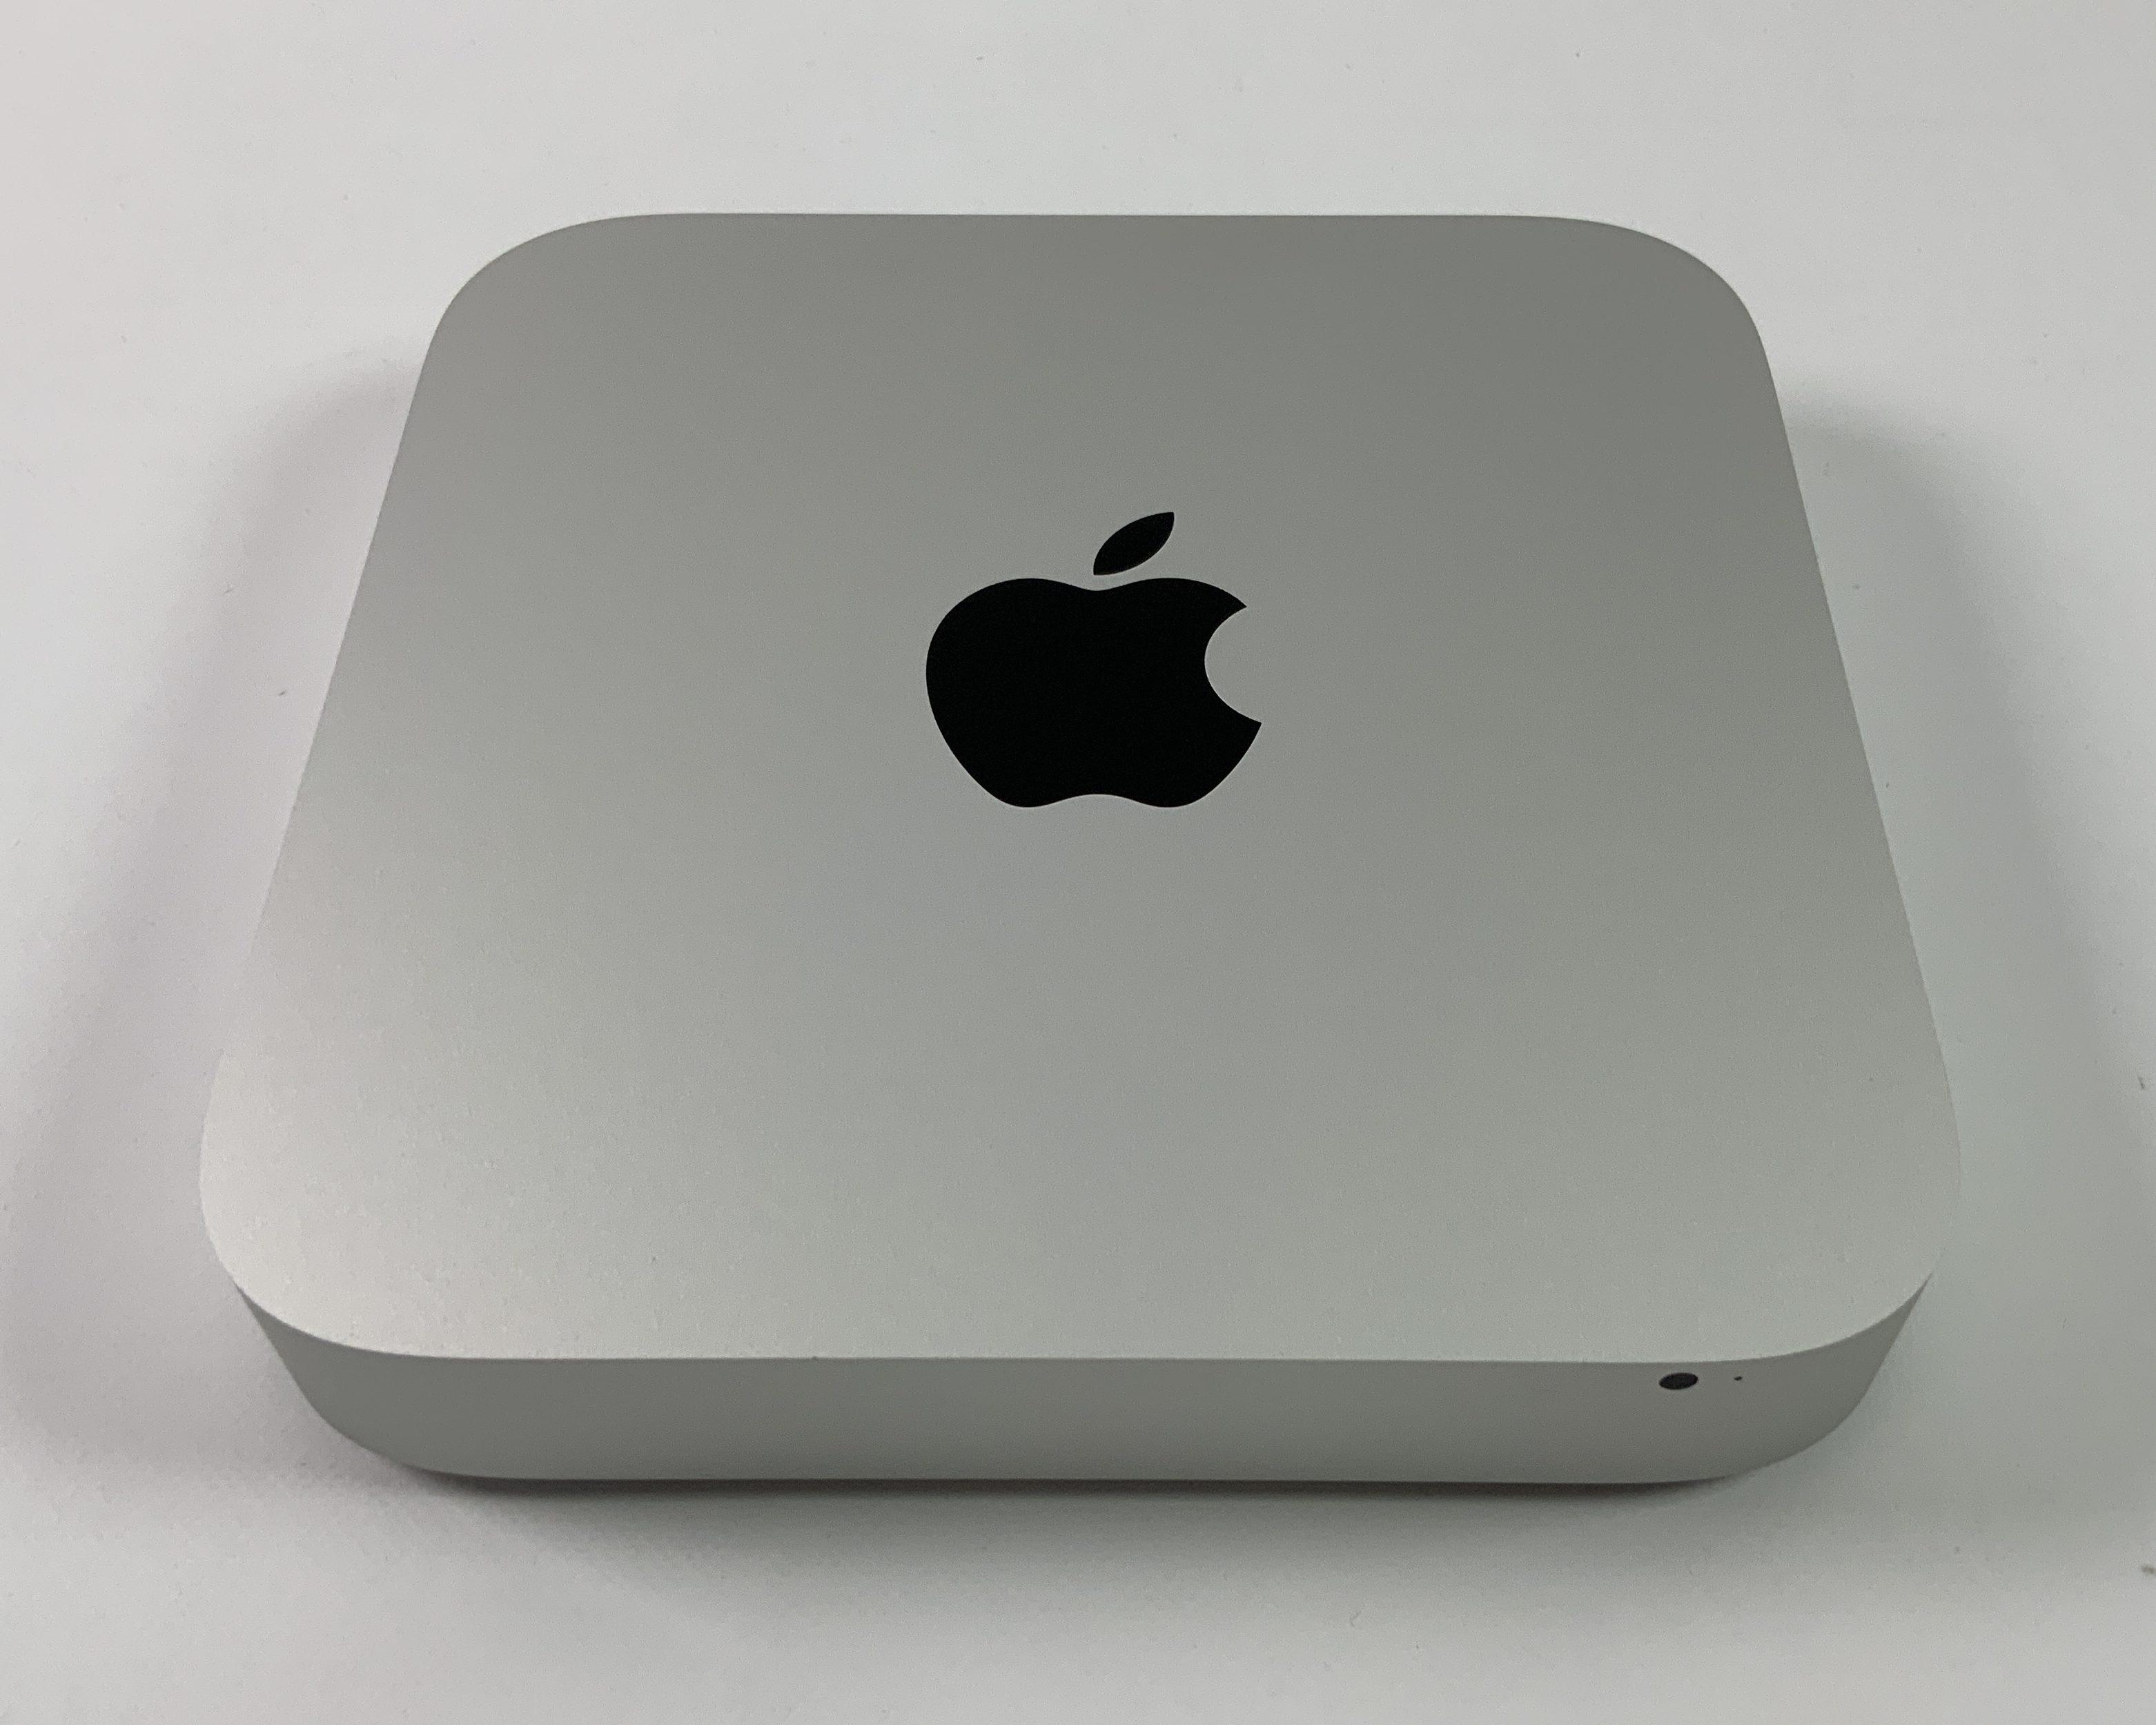 Mac Mini Late 2014 (Intel Core i5 2.6 GHz 16 GB RAM 256 GB SSD), Intel Core i5 2.6 GHz, 16 GB RAM, 256 GB SSD, imagen 1